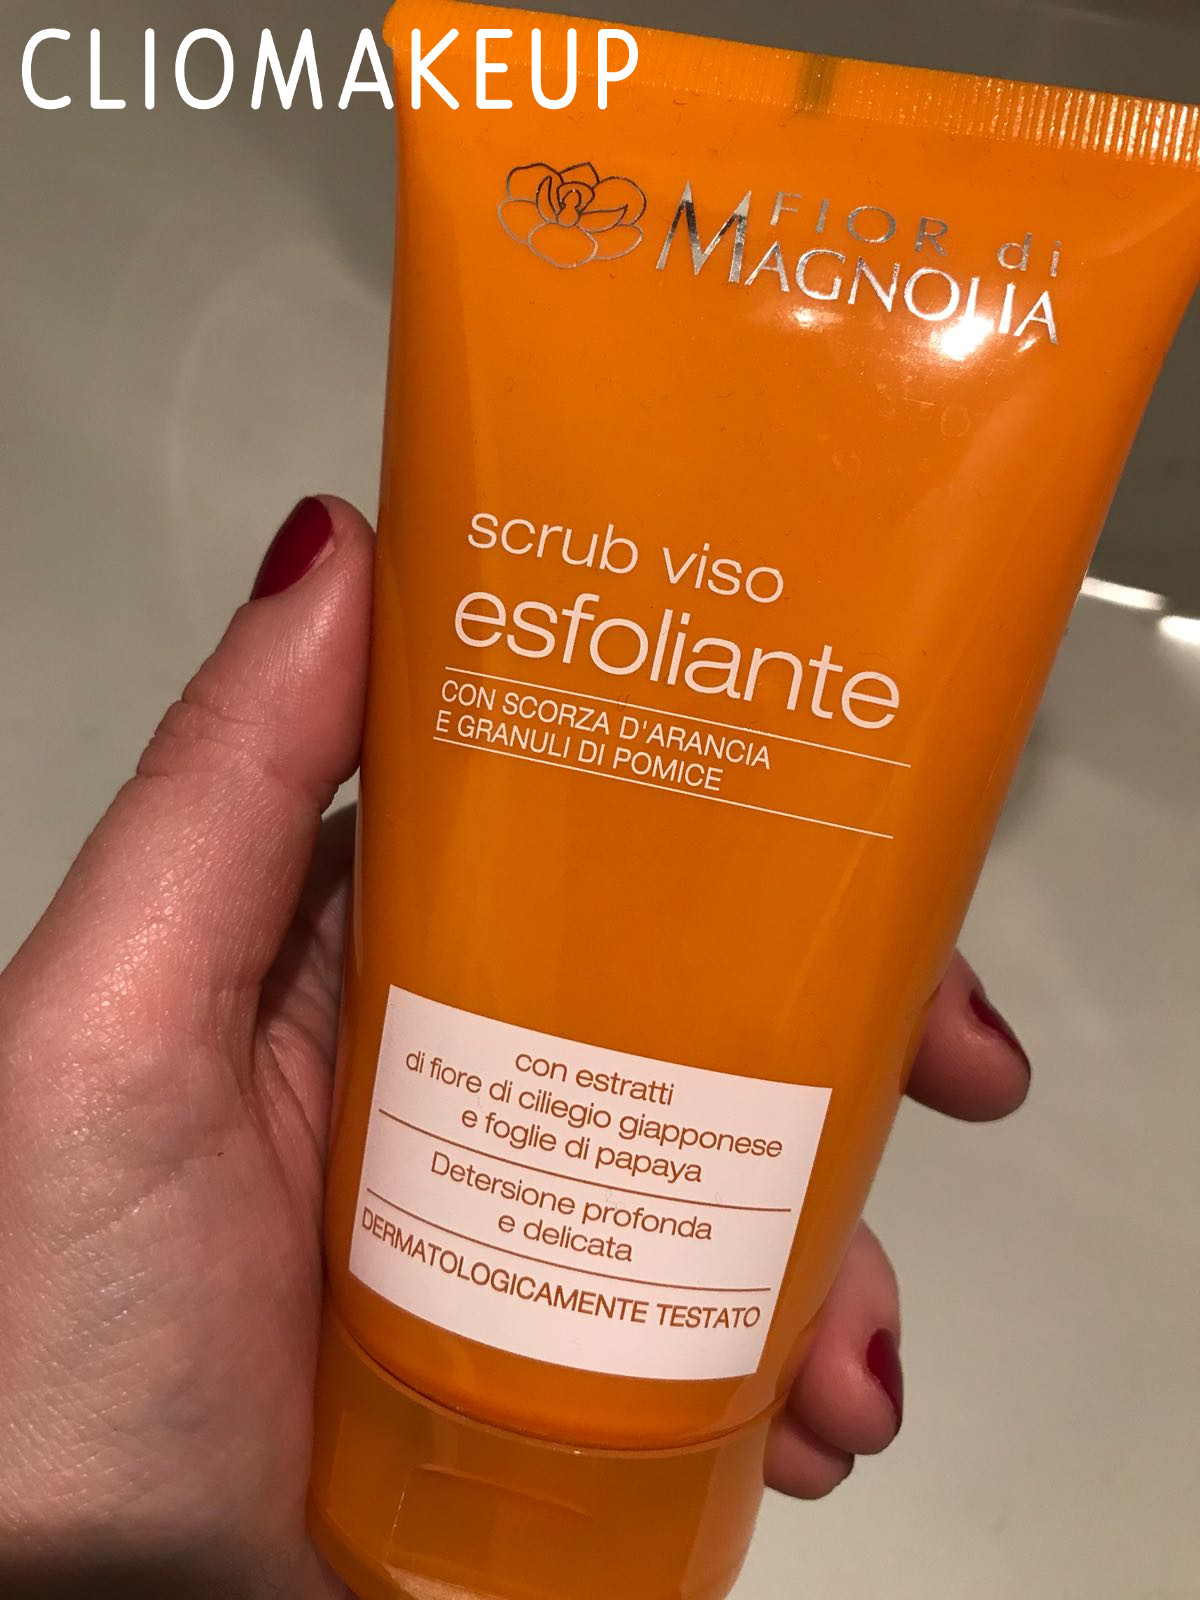 Mettiamo alla prova i prodotti Fior di Magnolia di Eurospin